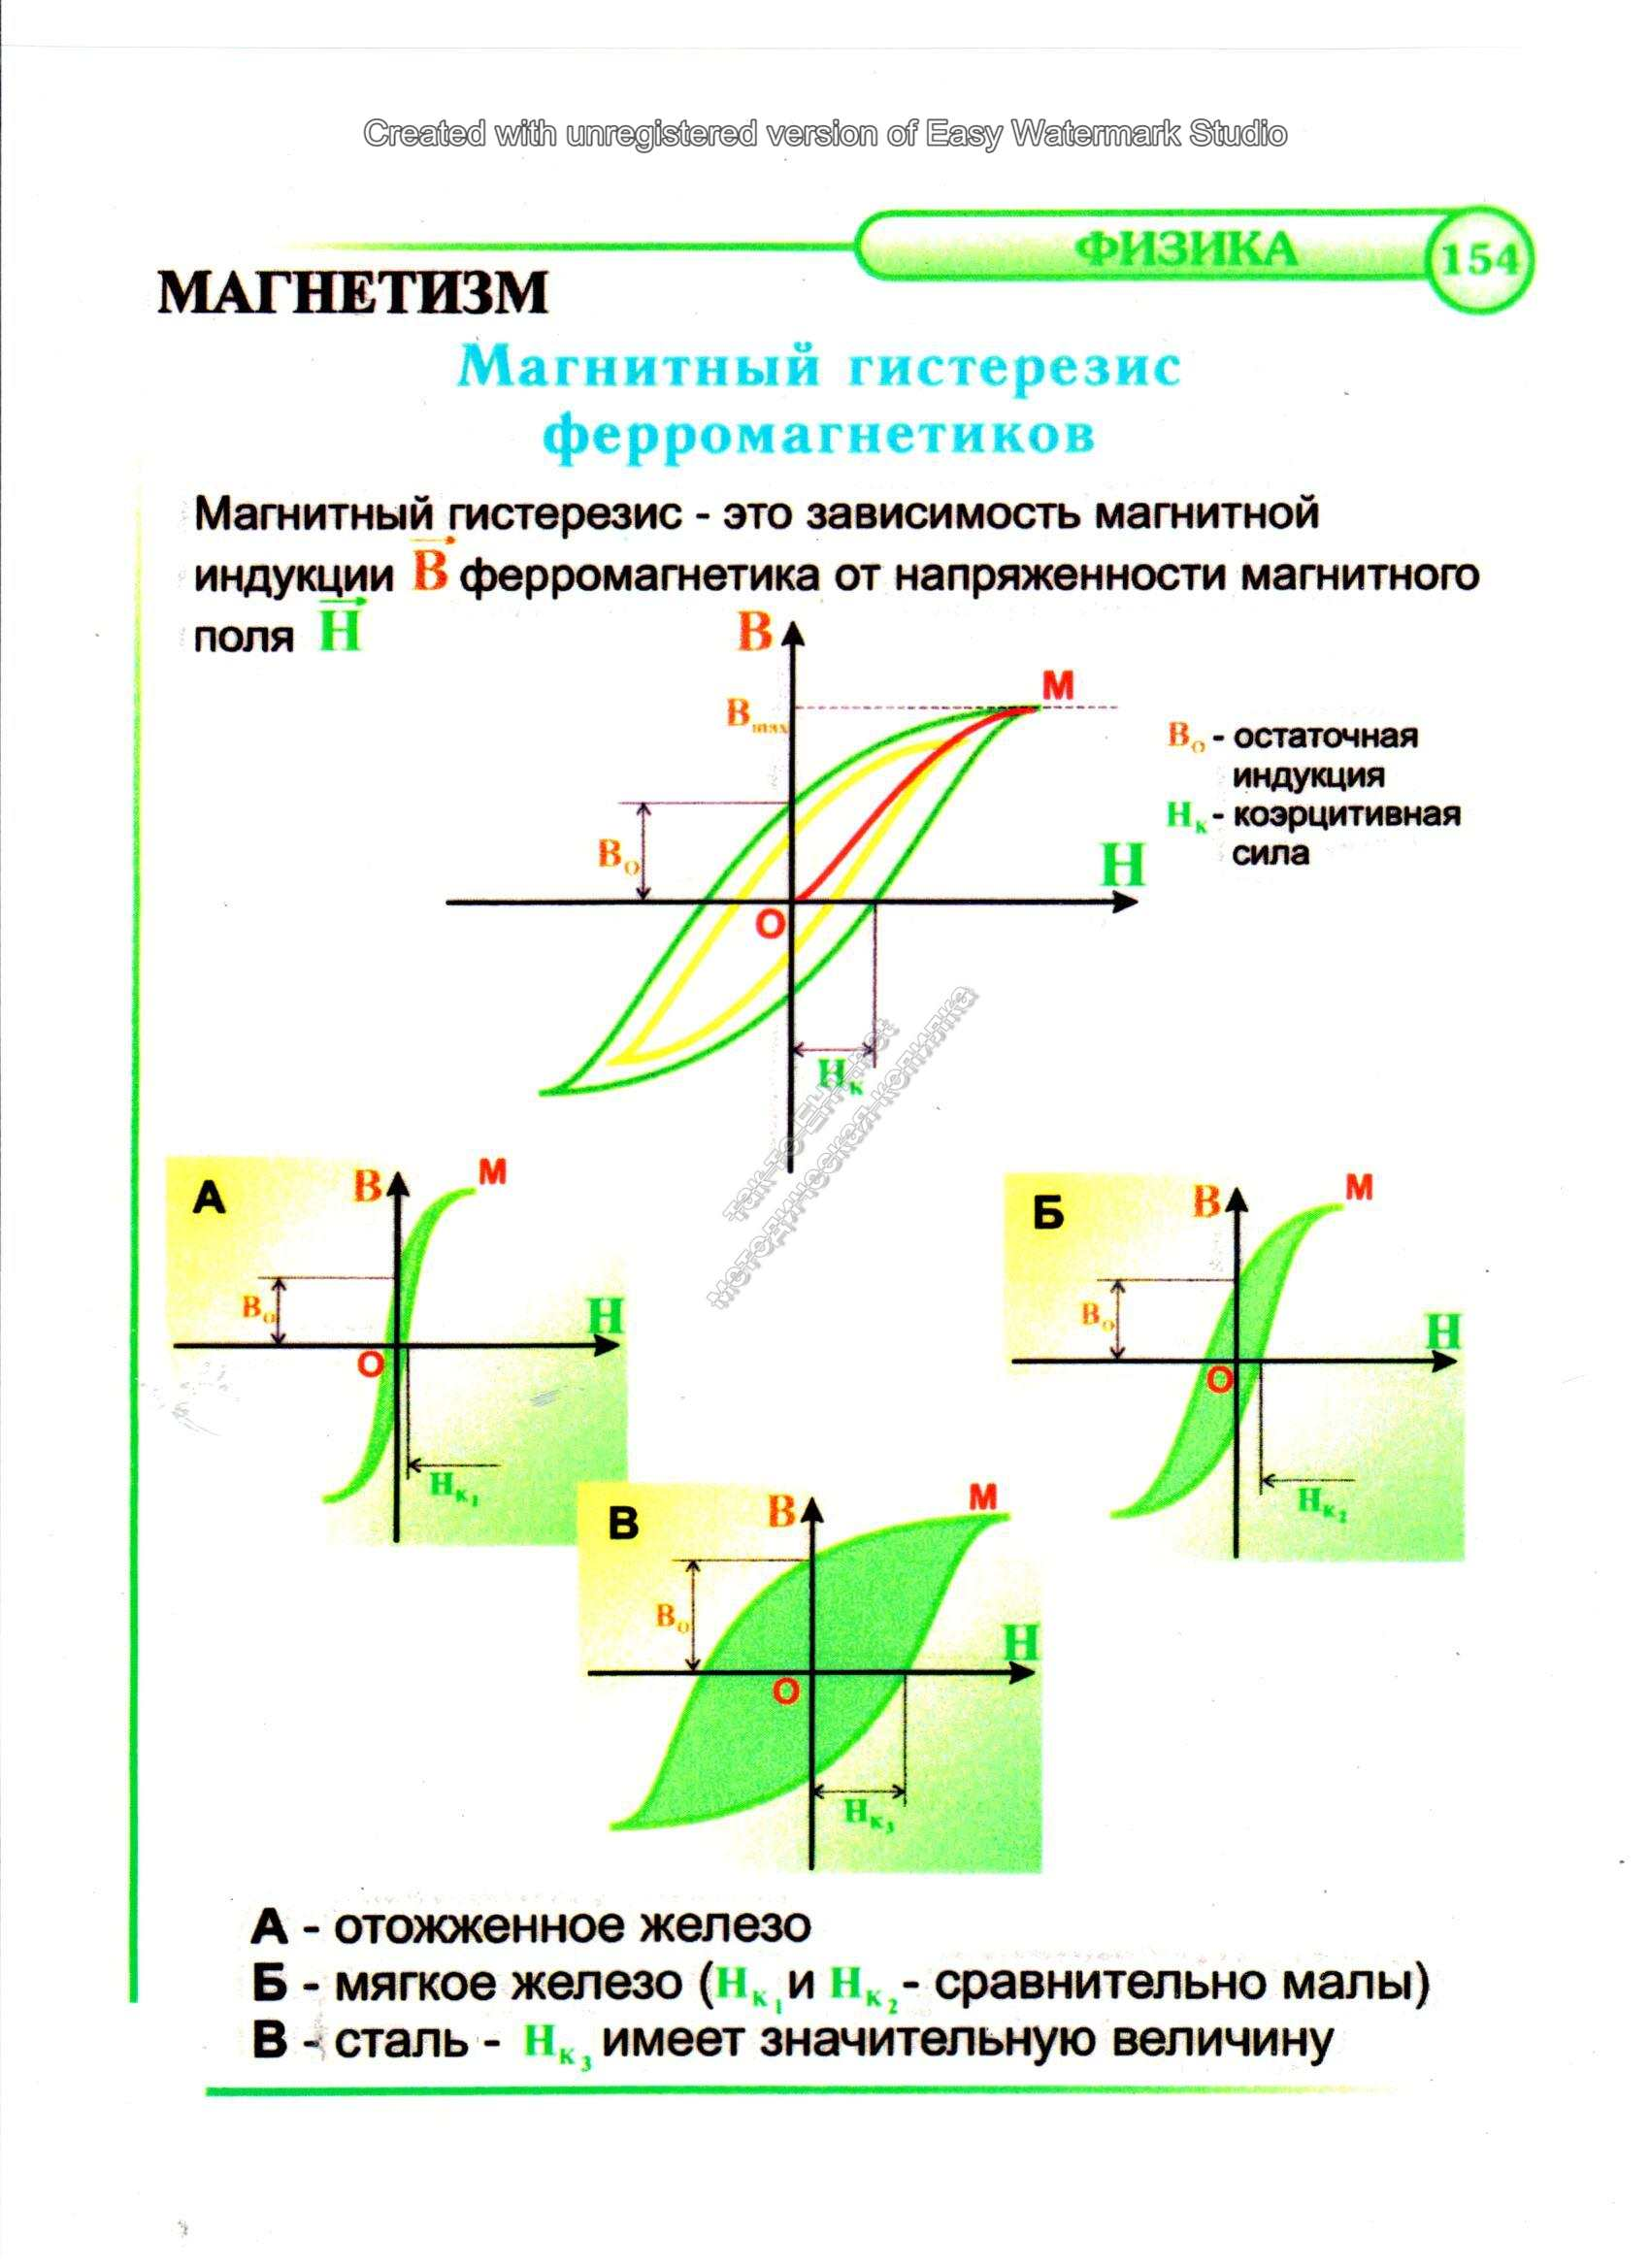 Магнитный гезестерис феррамогнетиков